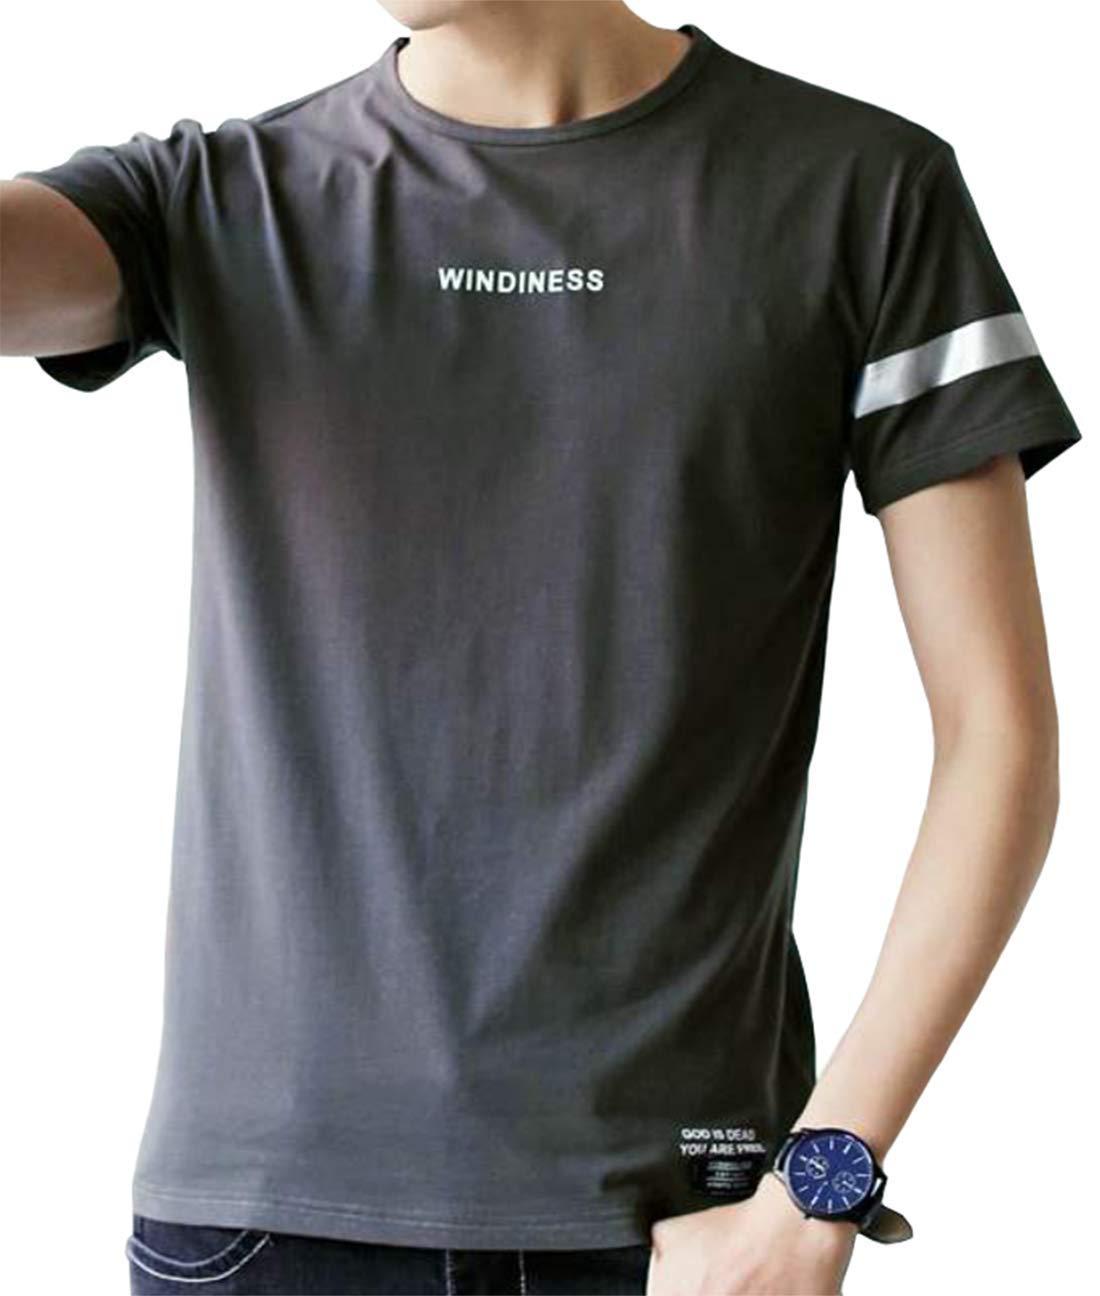 夏 大きい カジュアル YIOHYHD 無地 大きい サイズ メンズ Tシャツ 半袖 サイズ トップス ゆったり Tシャツ